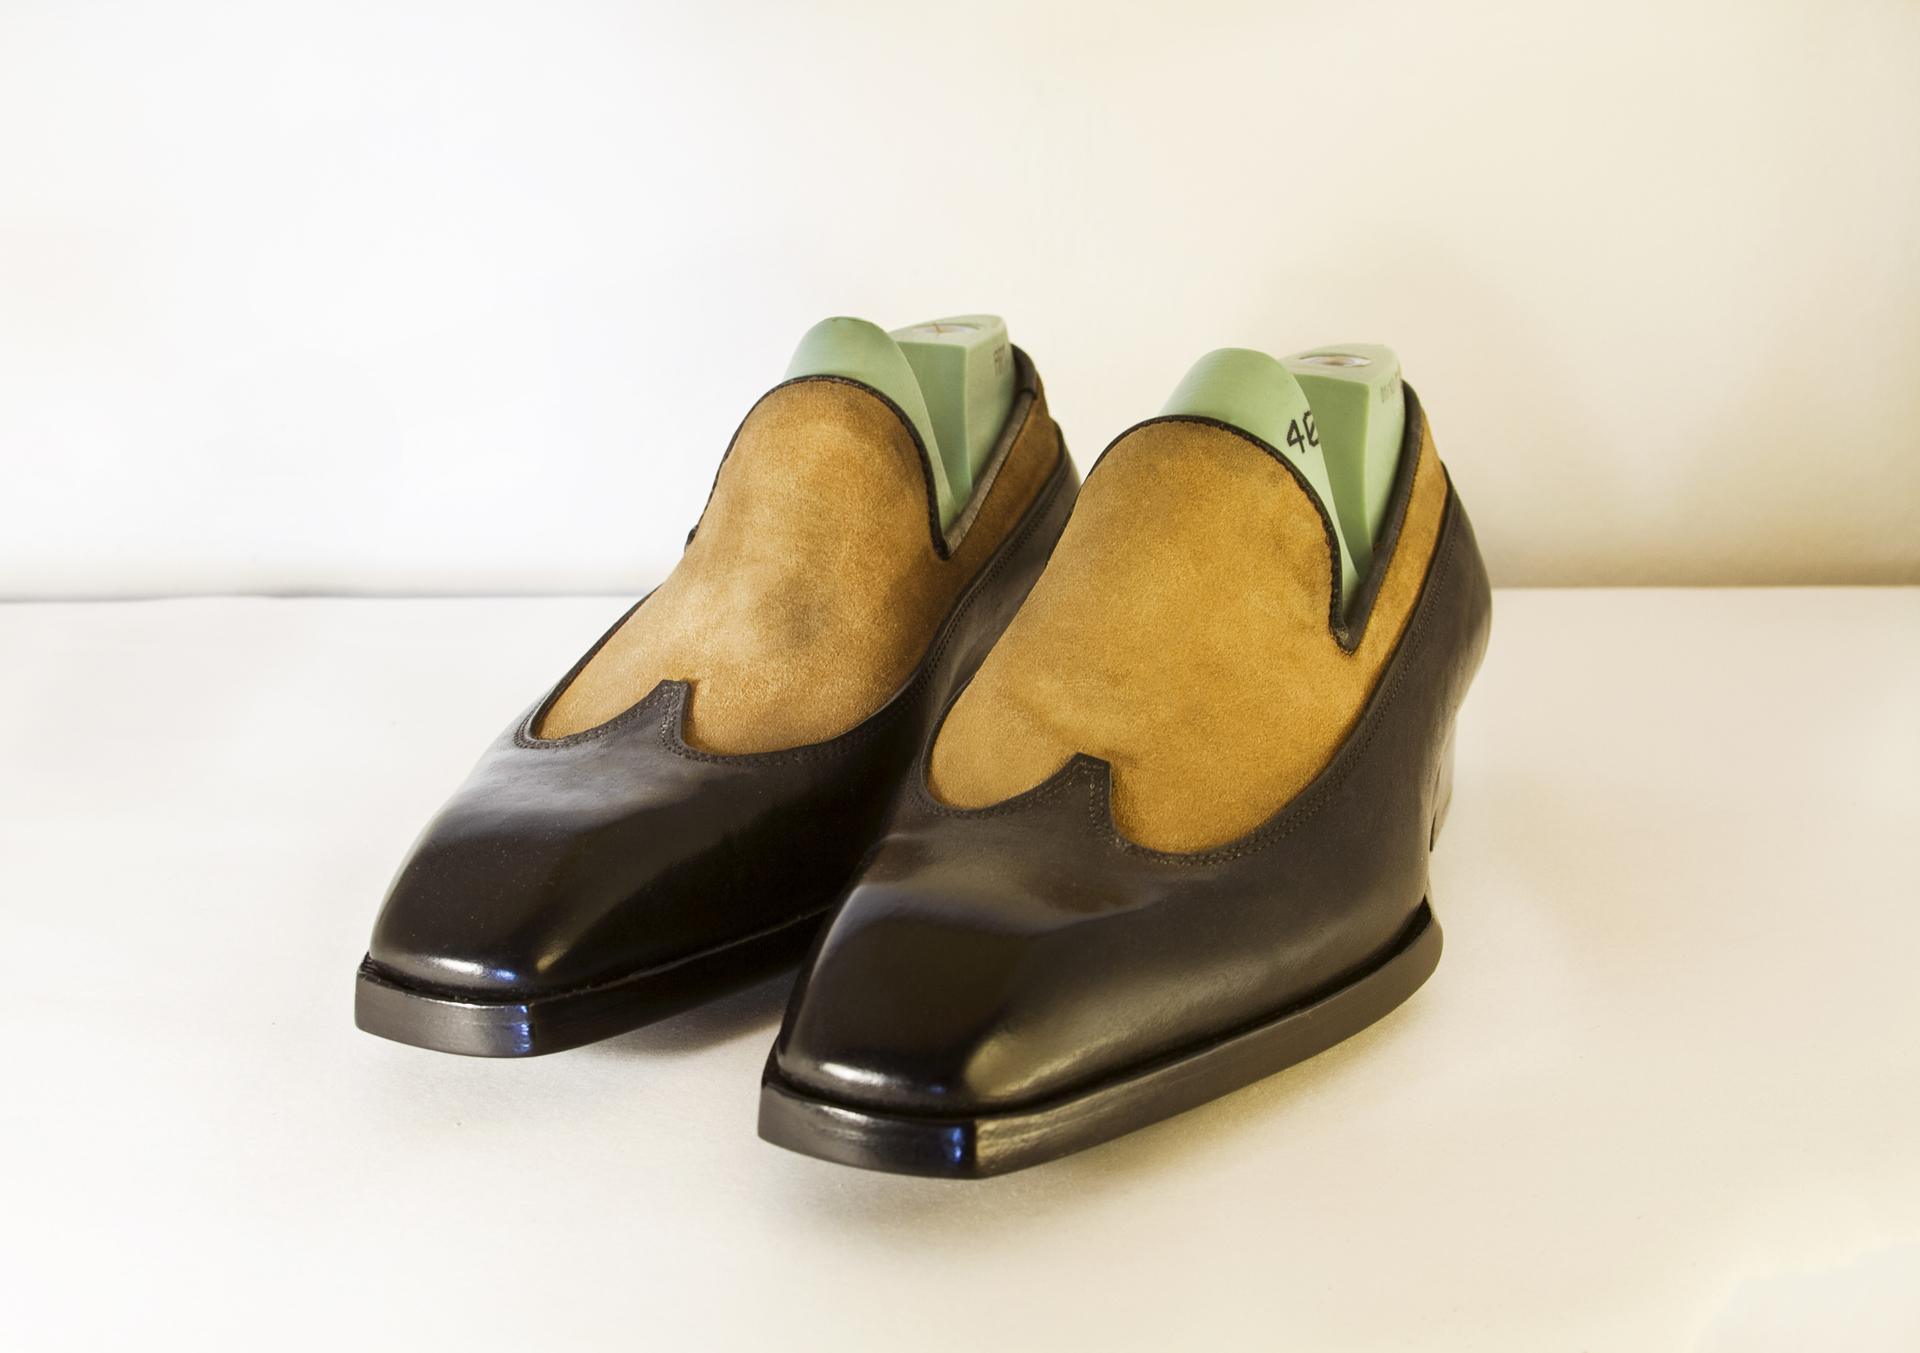 giuseppe-magnani-shoemakers-reggio-nell-emilia-thumbnail